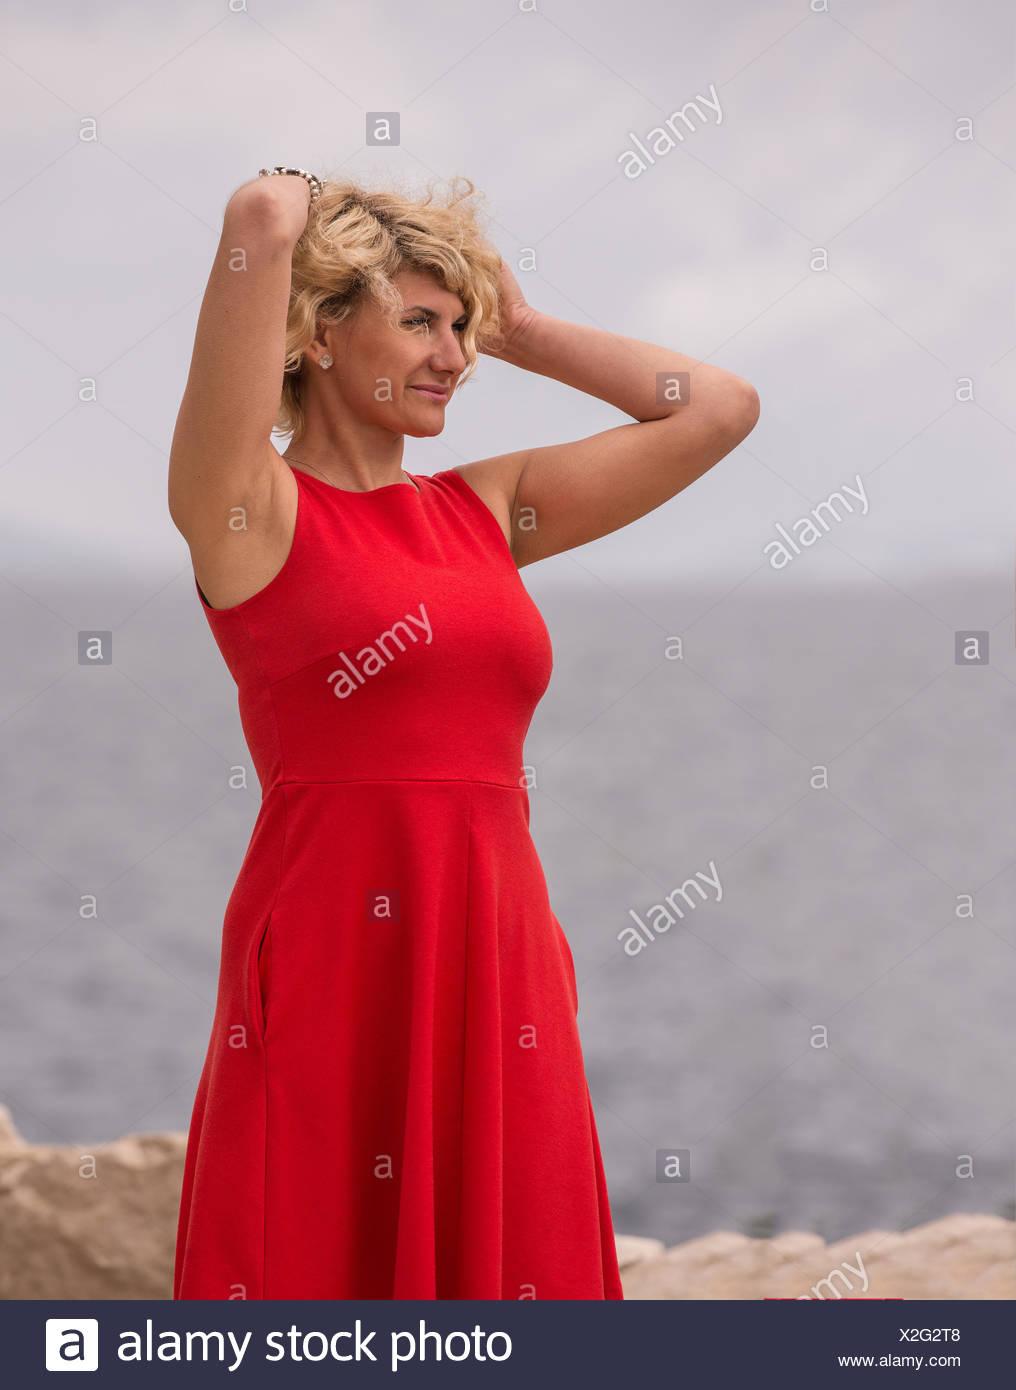 rotes enges kleid stockfotos und -bilder kaufen - alamy